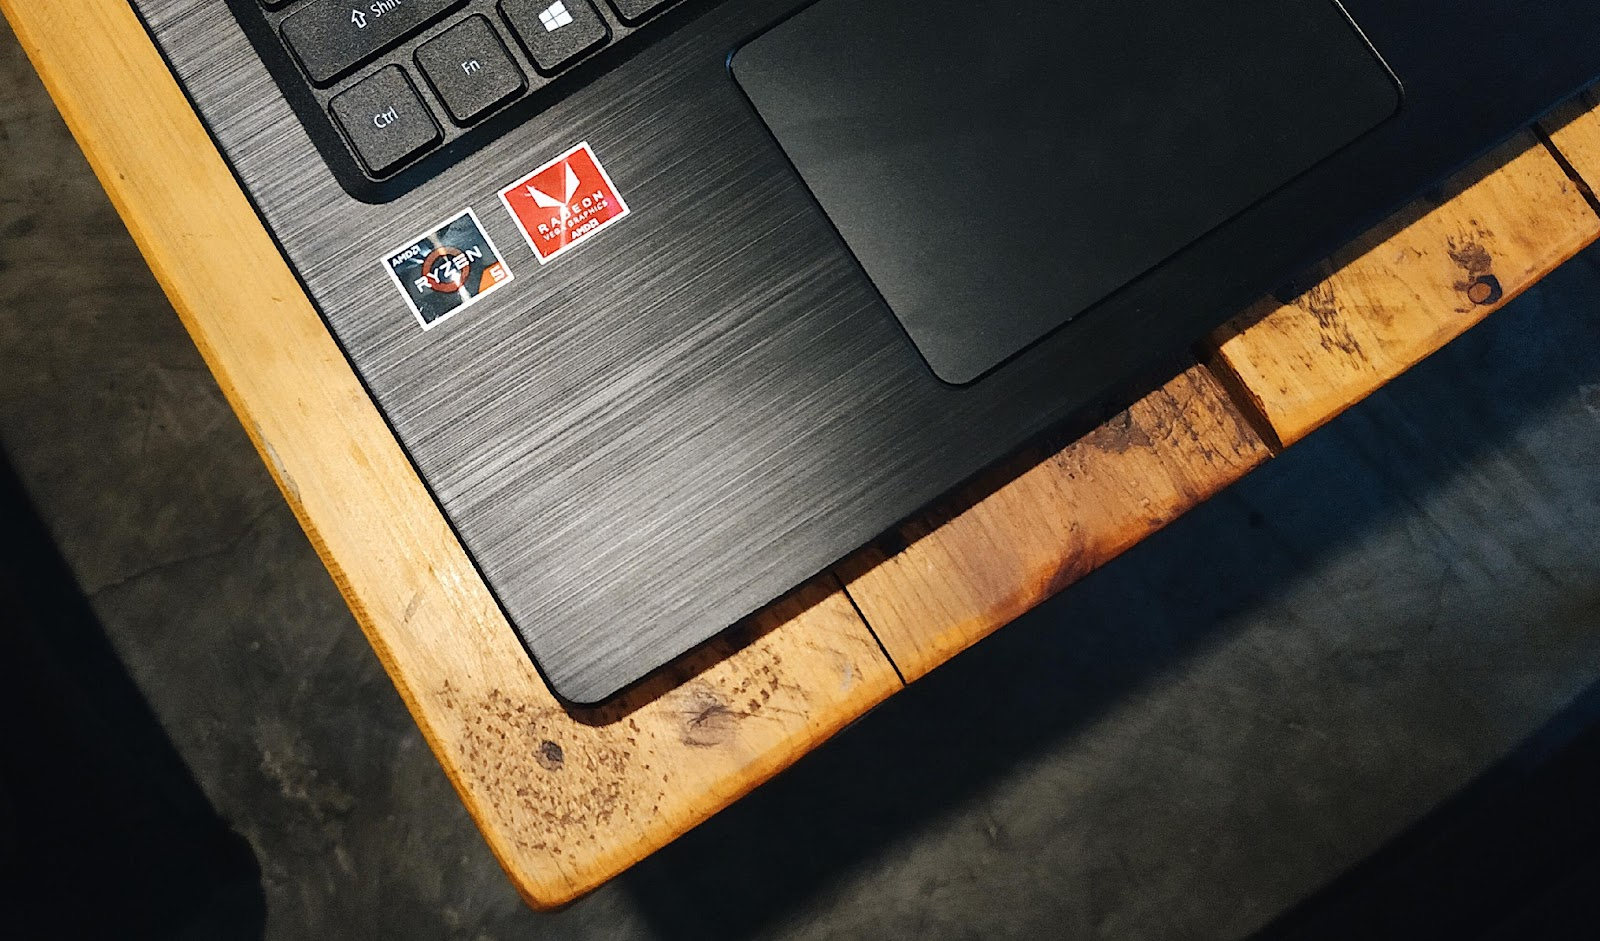 Stiker Ryzen, identitas laptop Acer yang menggunakan CPU AMD Ryzen. Foto Edi Kurniawan